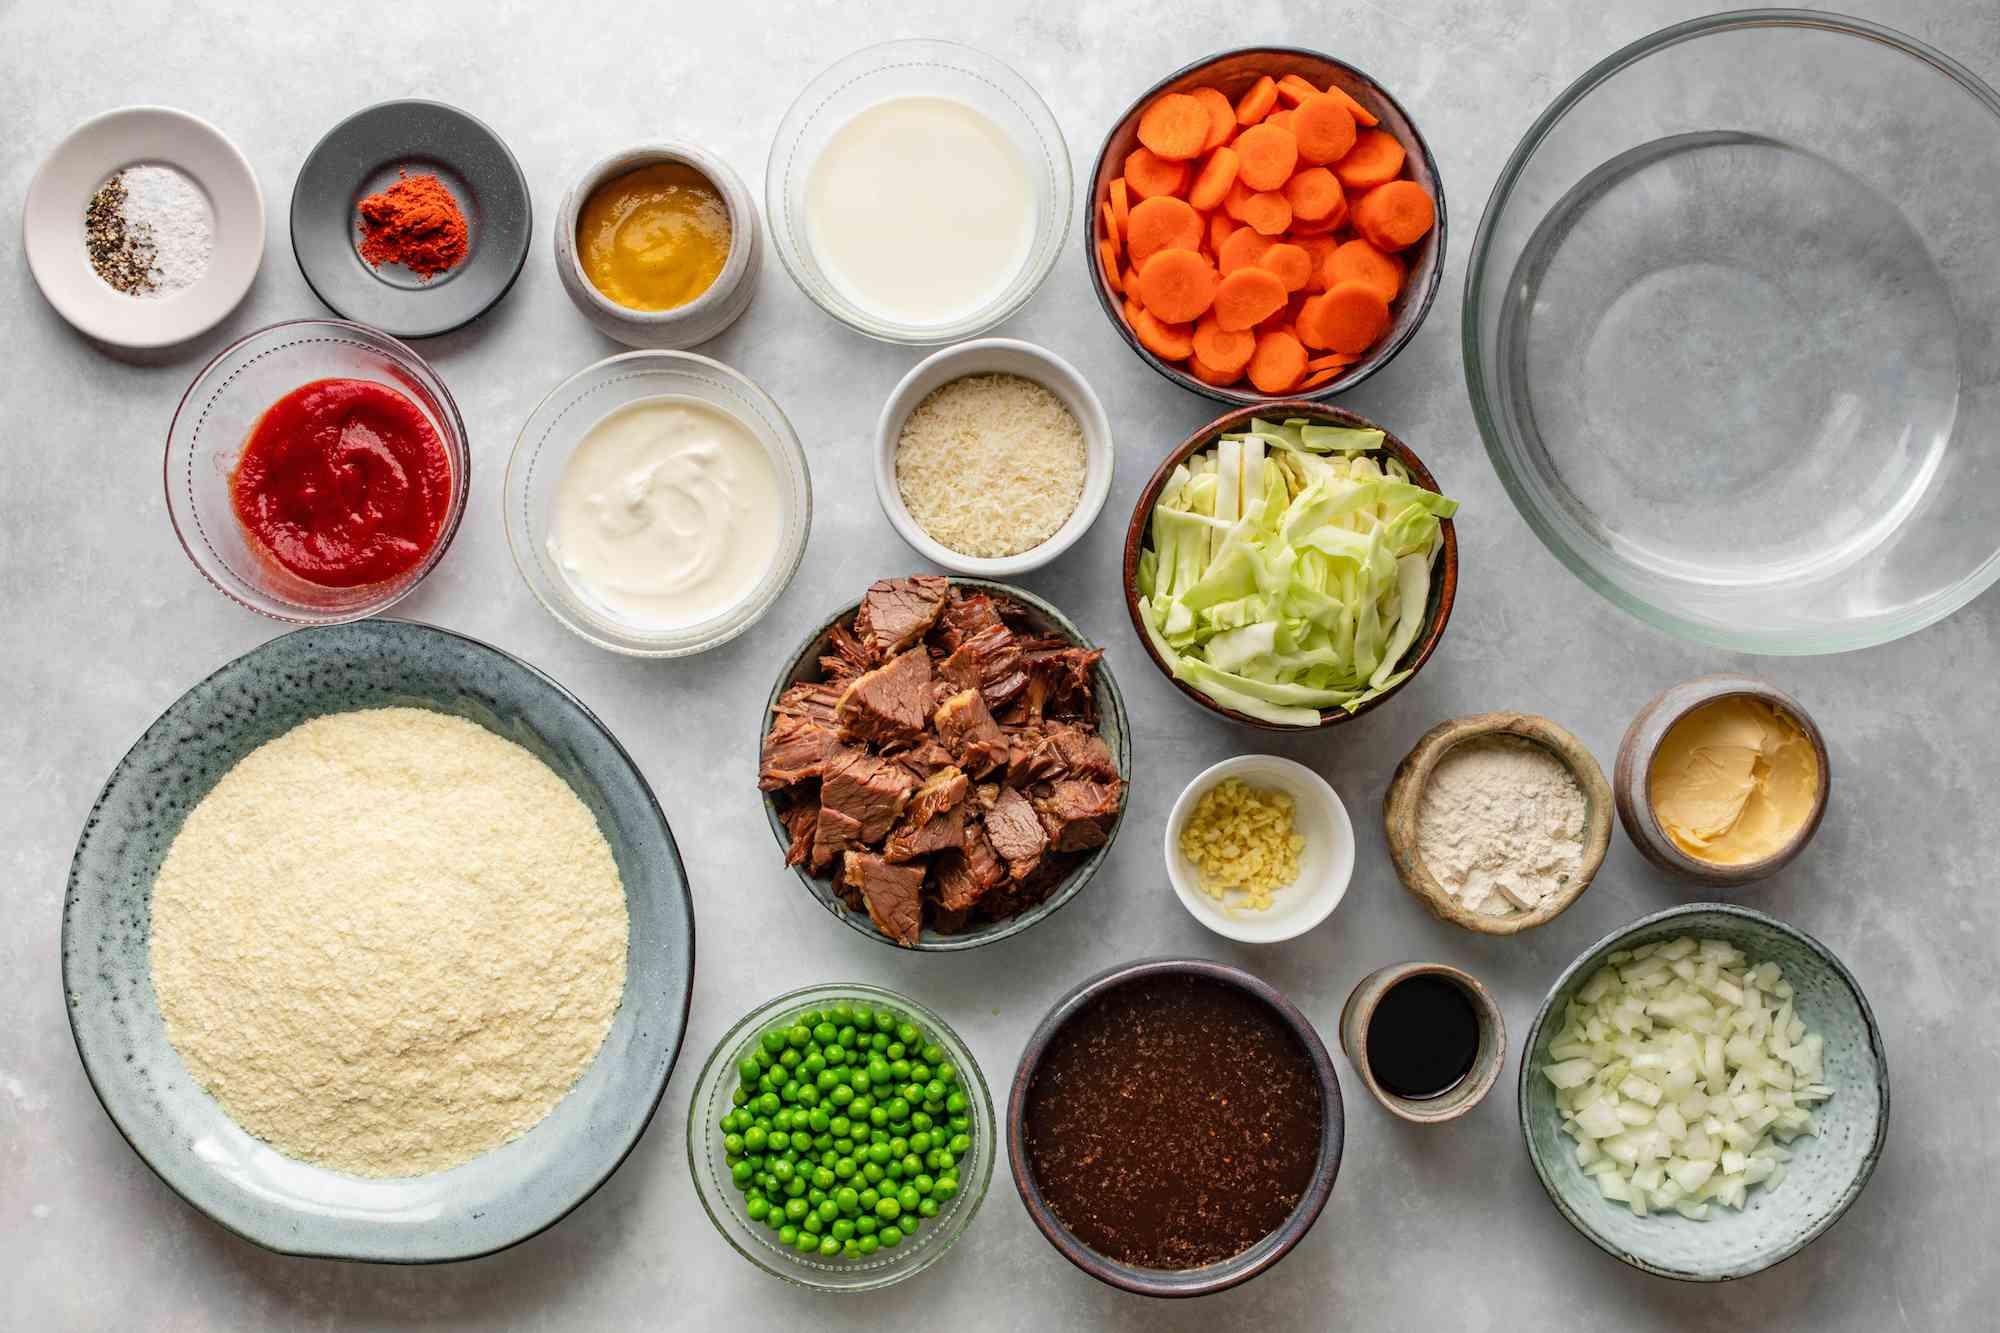 Ingredients for corned beef shepherd's pie